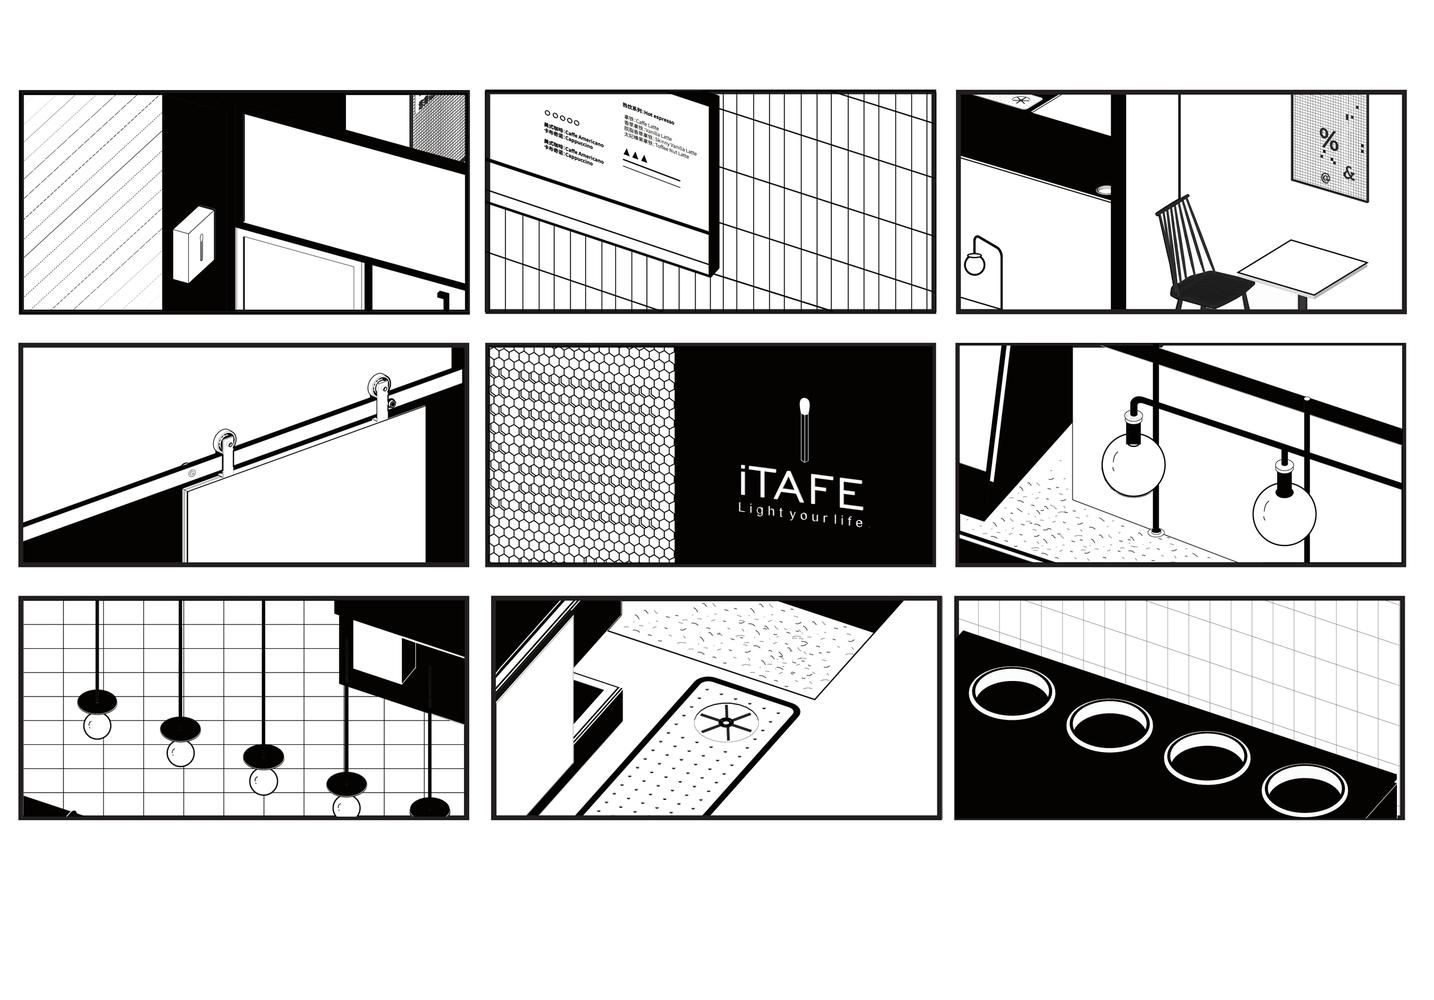 itafe茶饮